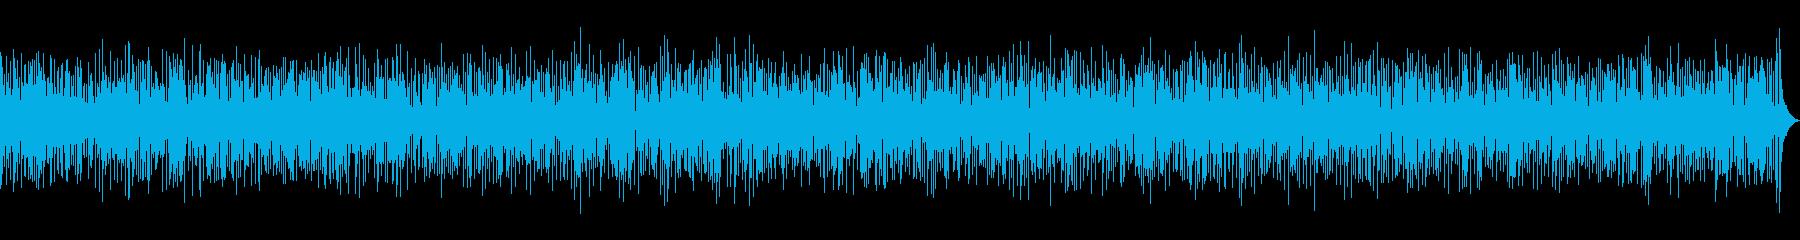 切ない哀愁系アコーディオンジャズバンドの再生済みの波形